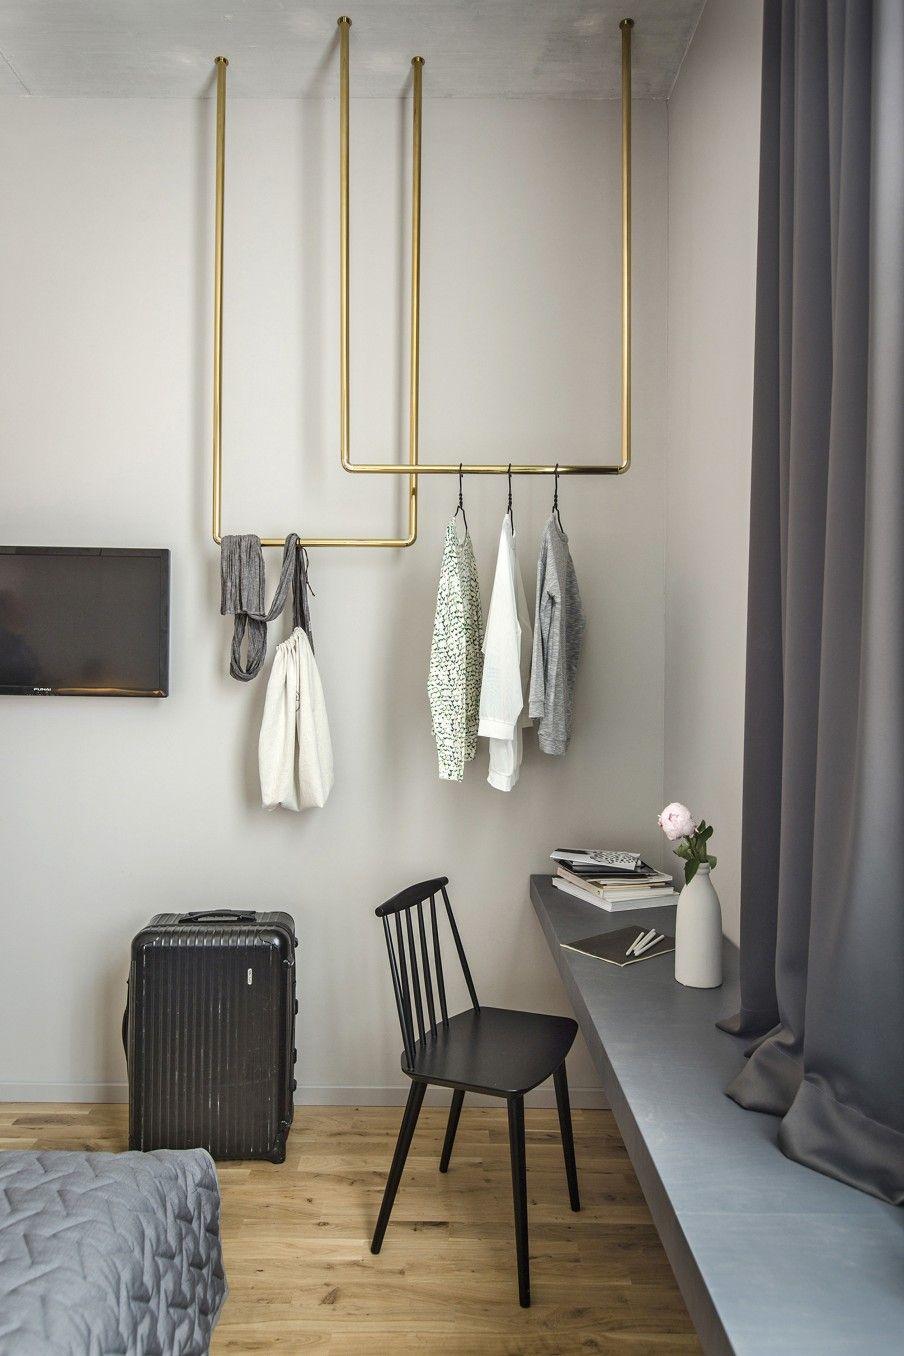 Bathroom Towel Rack With Hooks